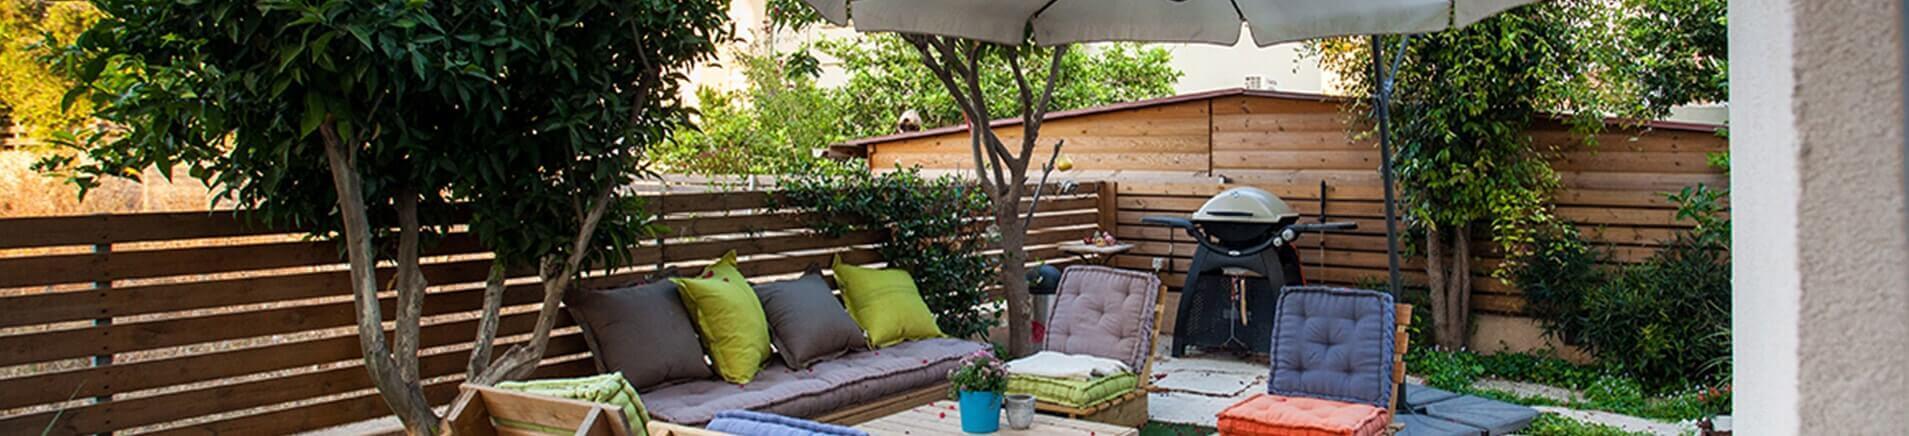 חיפויים יצירתיים לגינה כתחליף למדשאה